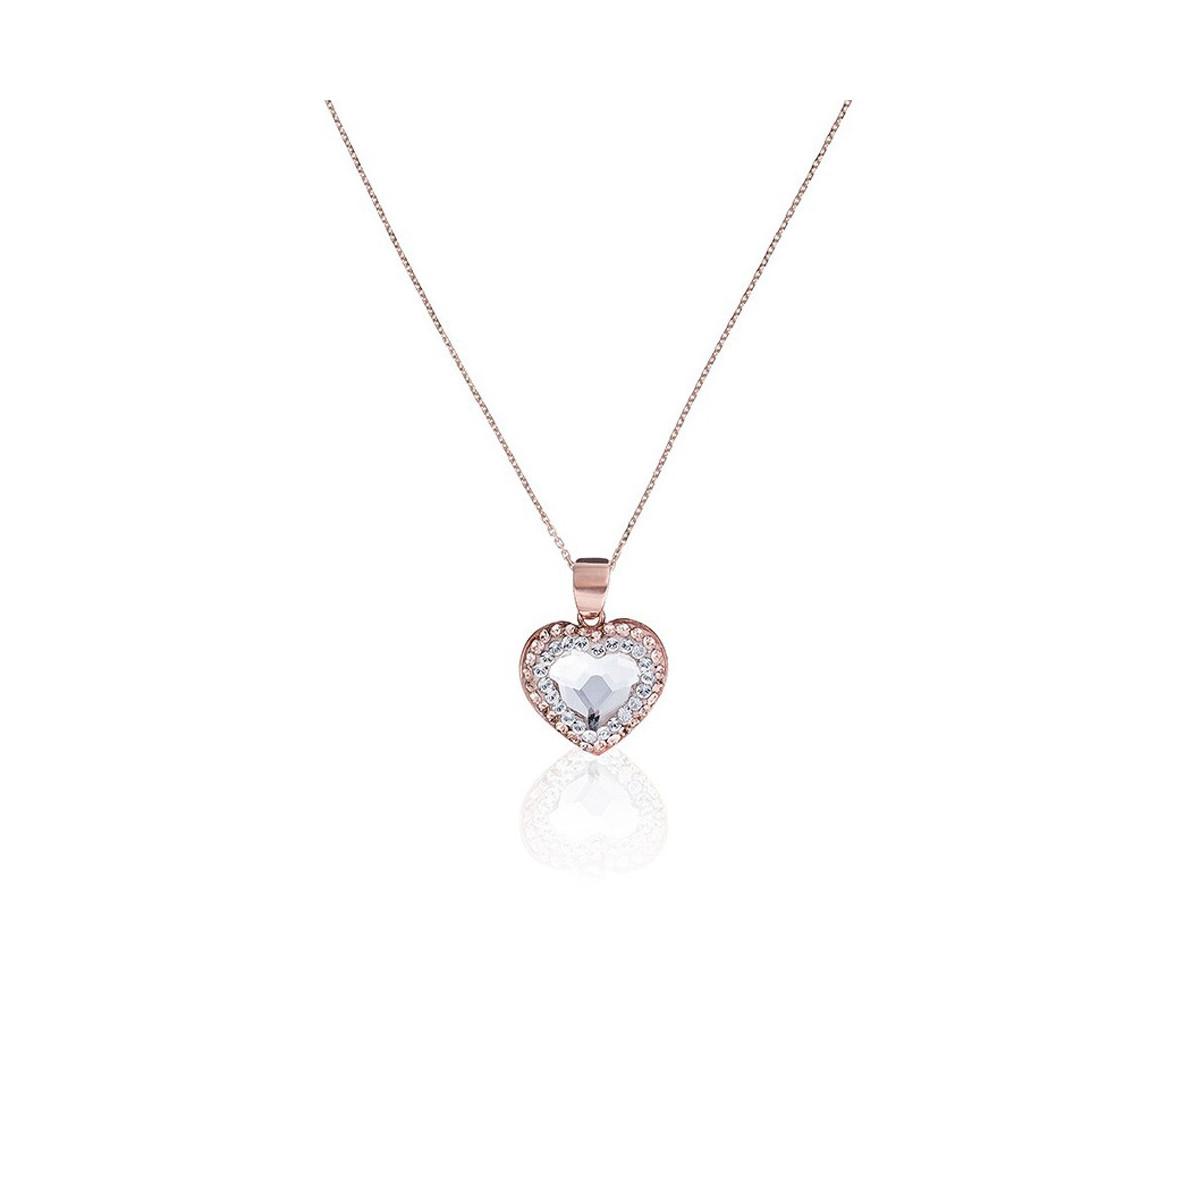 """Pendentif laiton rosé orné de cristaux Sable et Blanc """"A la Folie"""" + chaîne vermeil rose offerte"""